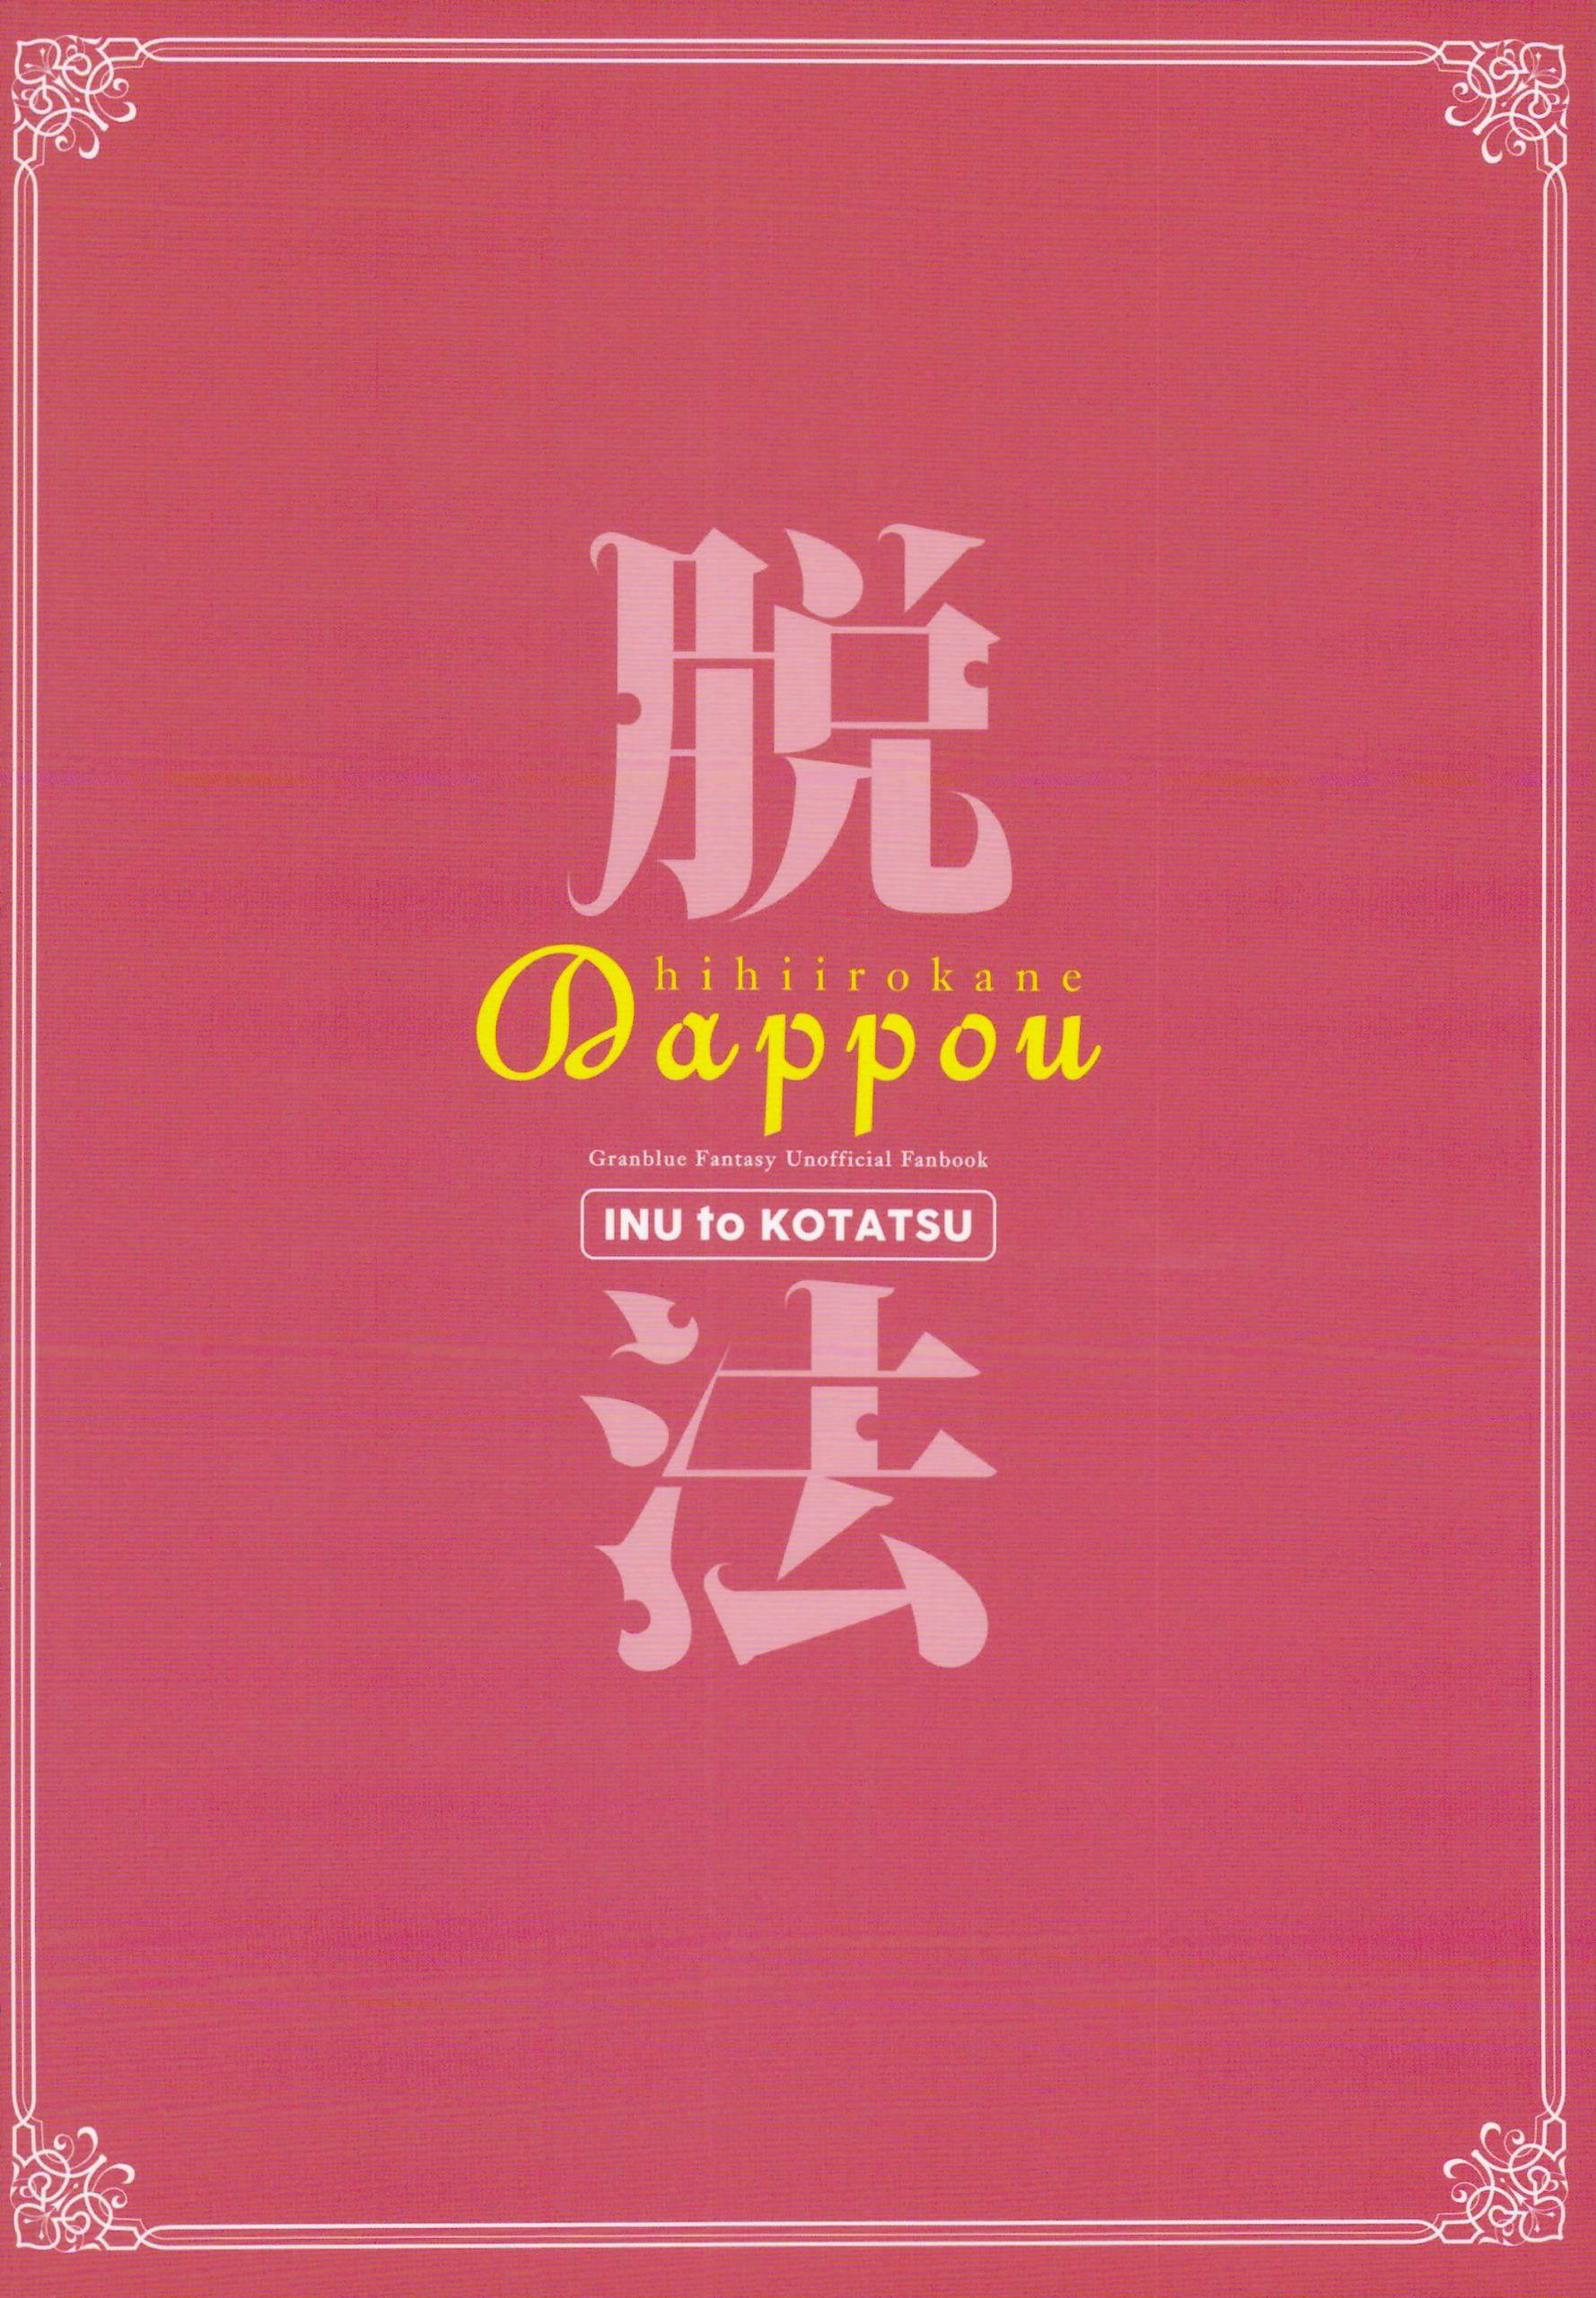 Dappou Hihiirokane